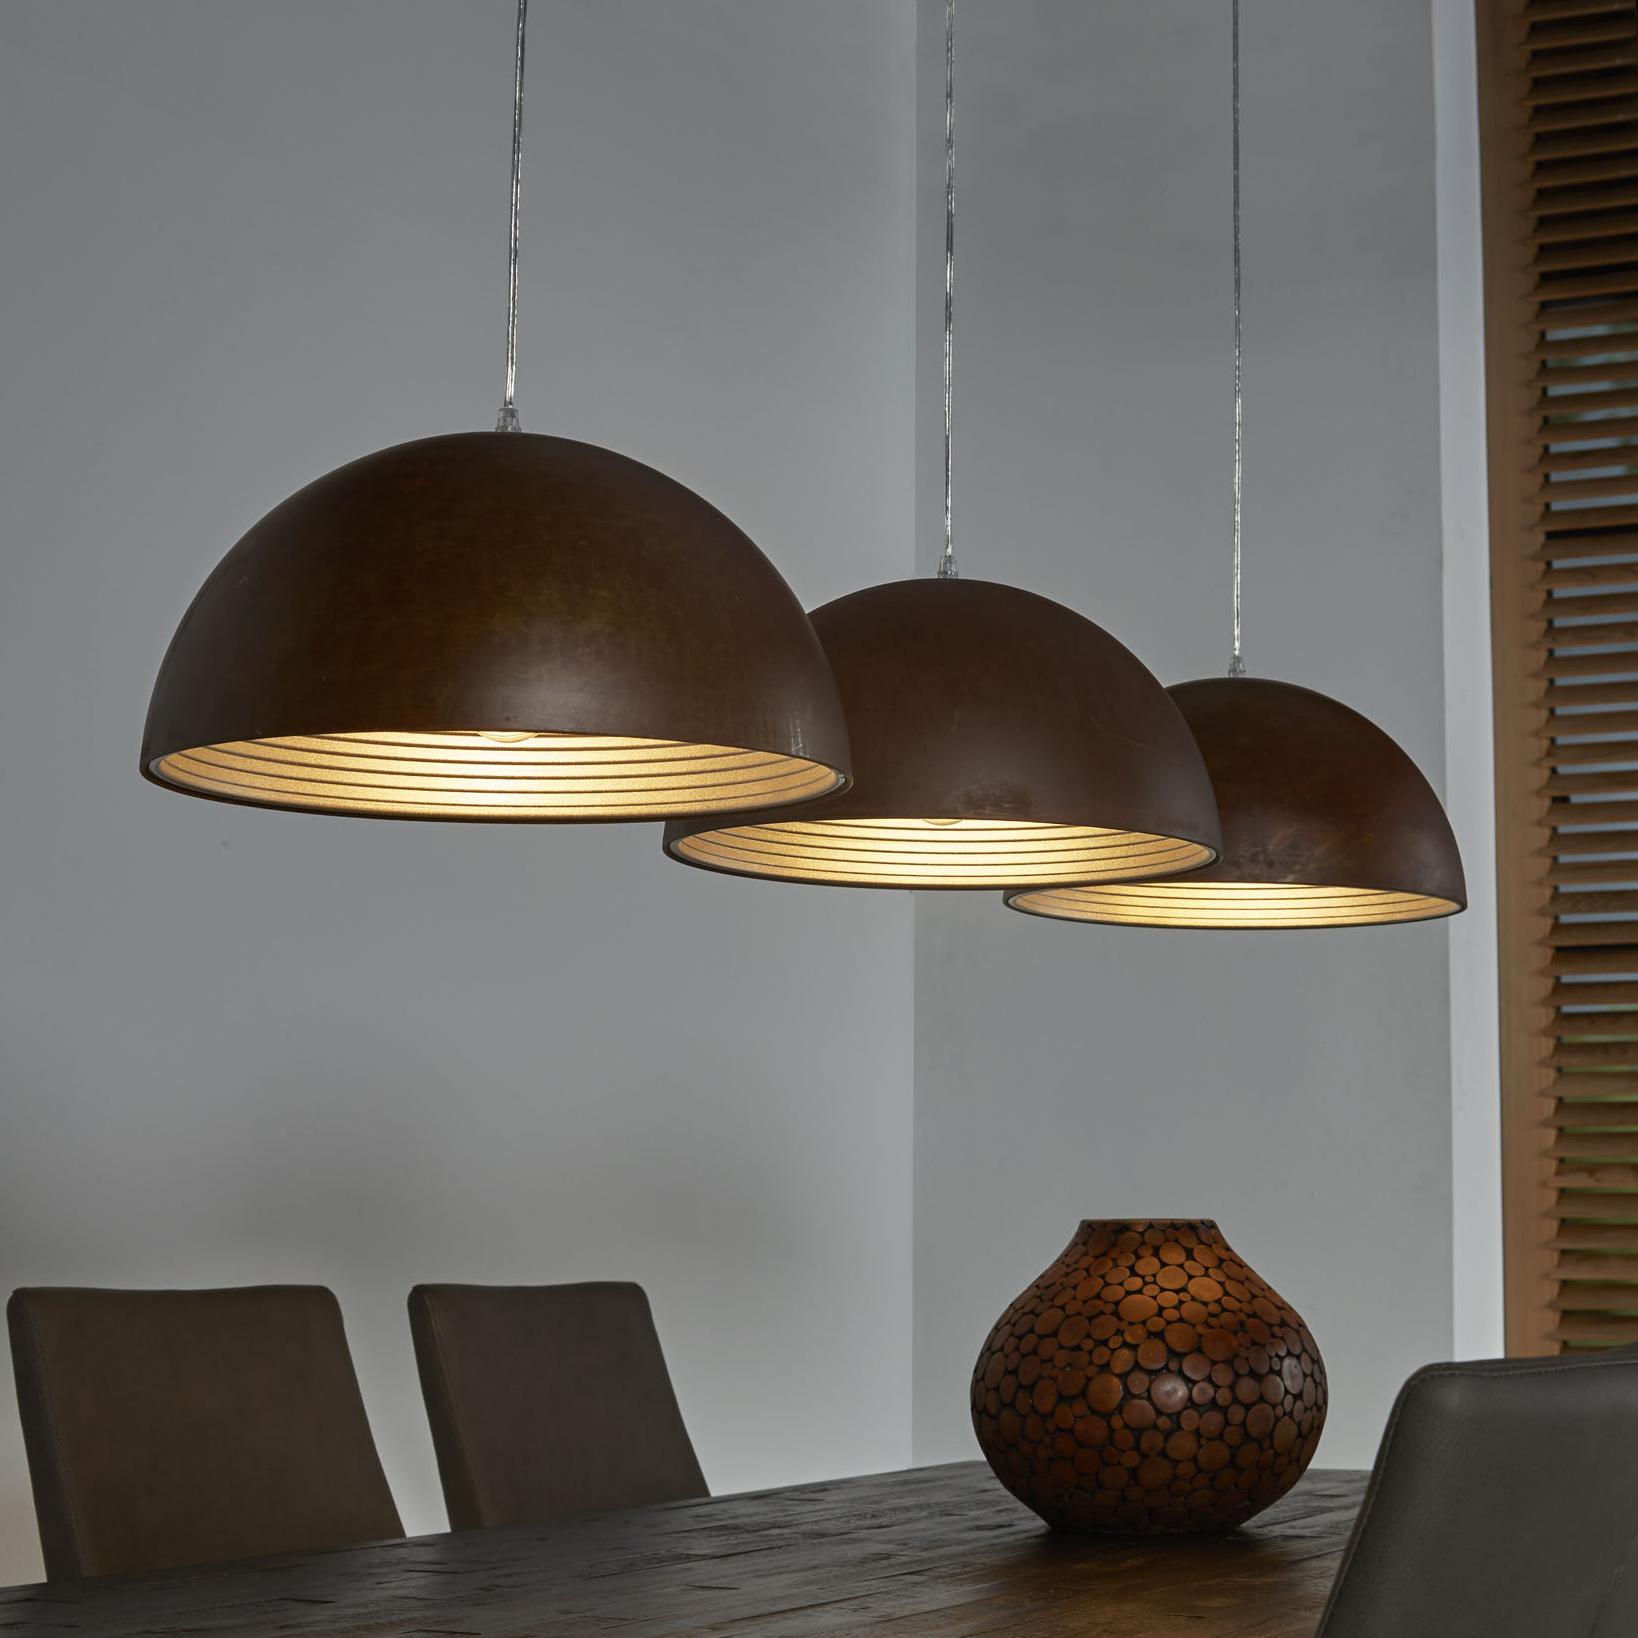 Hanglamp 'Hyun' 3 lamps